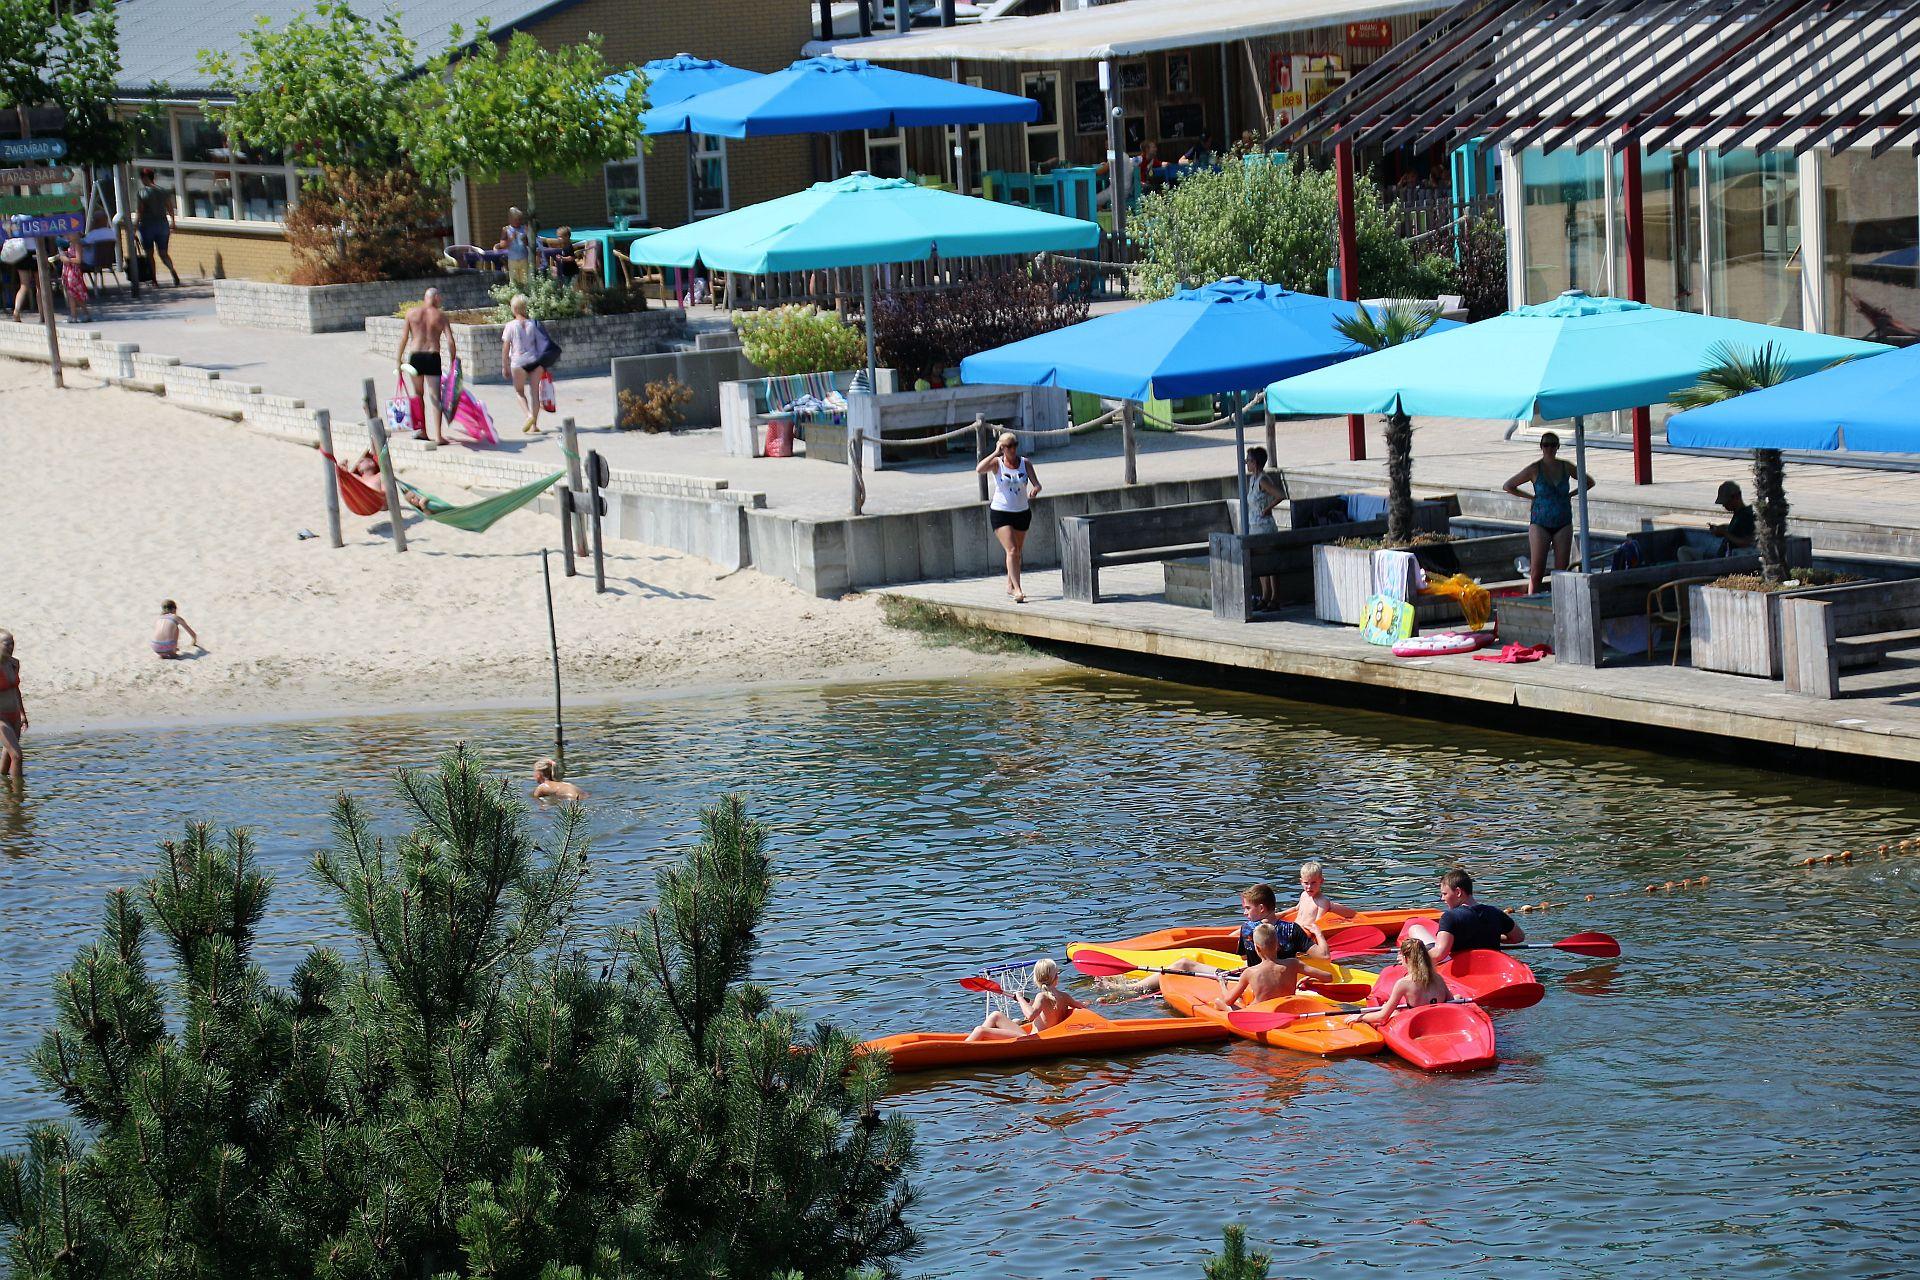 Openingstijden Vakantiepark het Stoetenslagh - Openingstijden vakantiepark het Stoetenslagh